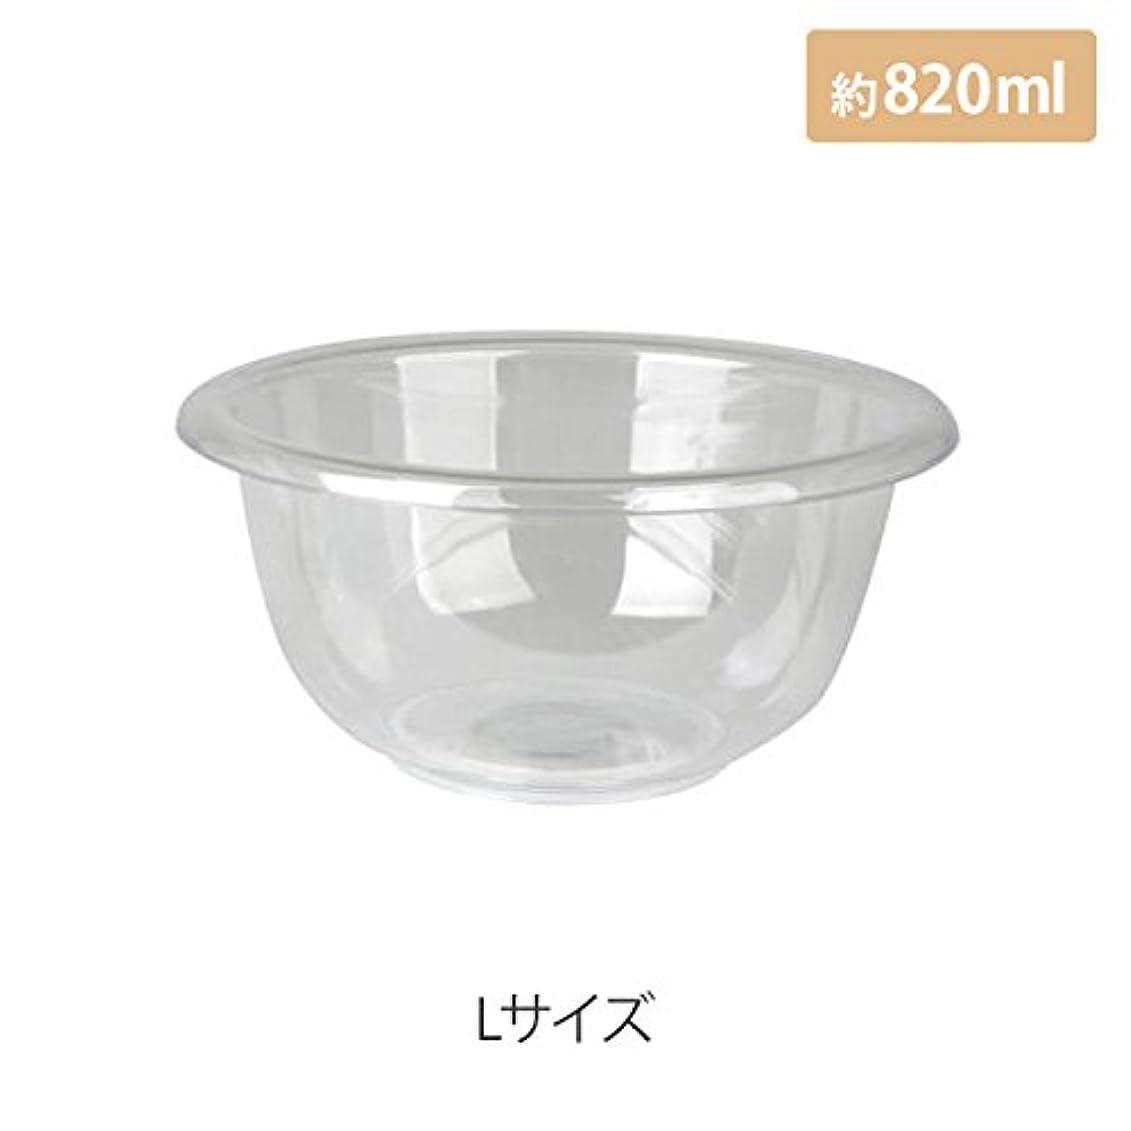 オアシスラウンジフレームワークマイスター プラスティックボウル (Lサイズ) クリア 直径19.5cm [ プラスチックボール カップボウル カップボール エステ サロン プラスチック ボウル カップ 割れない ]